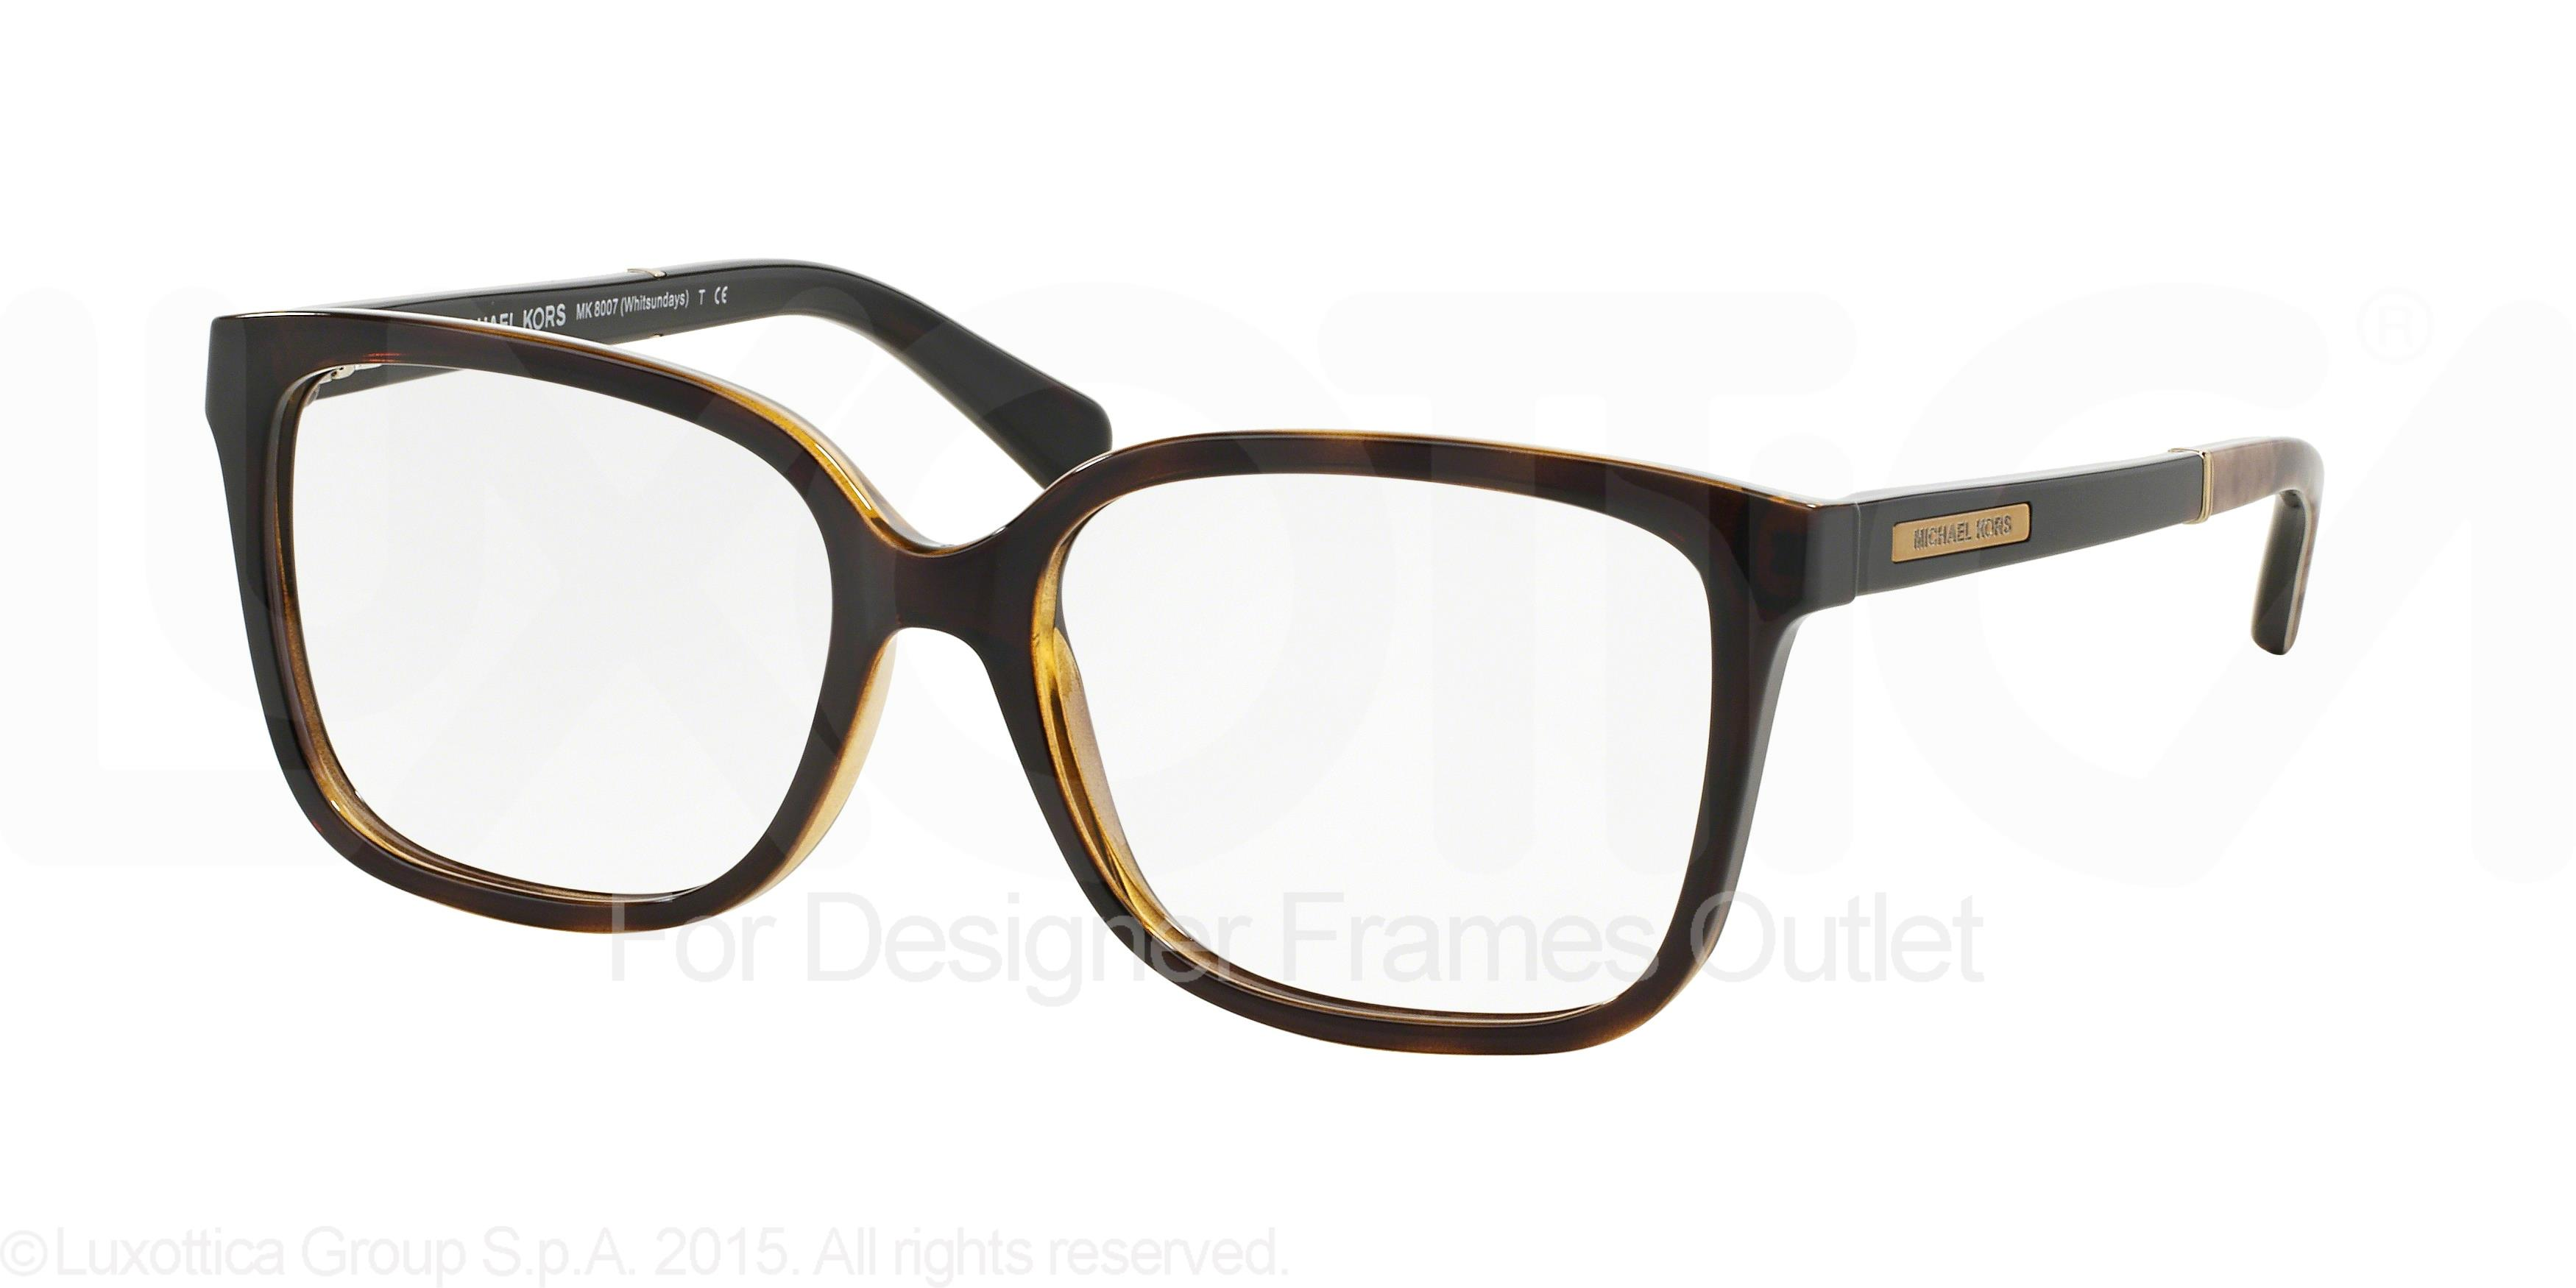 Designer Frames Outlet. Michael Kors MK8007